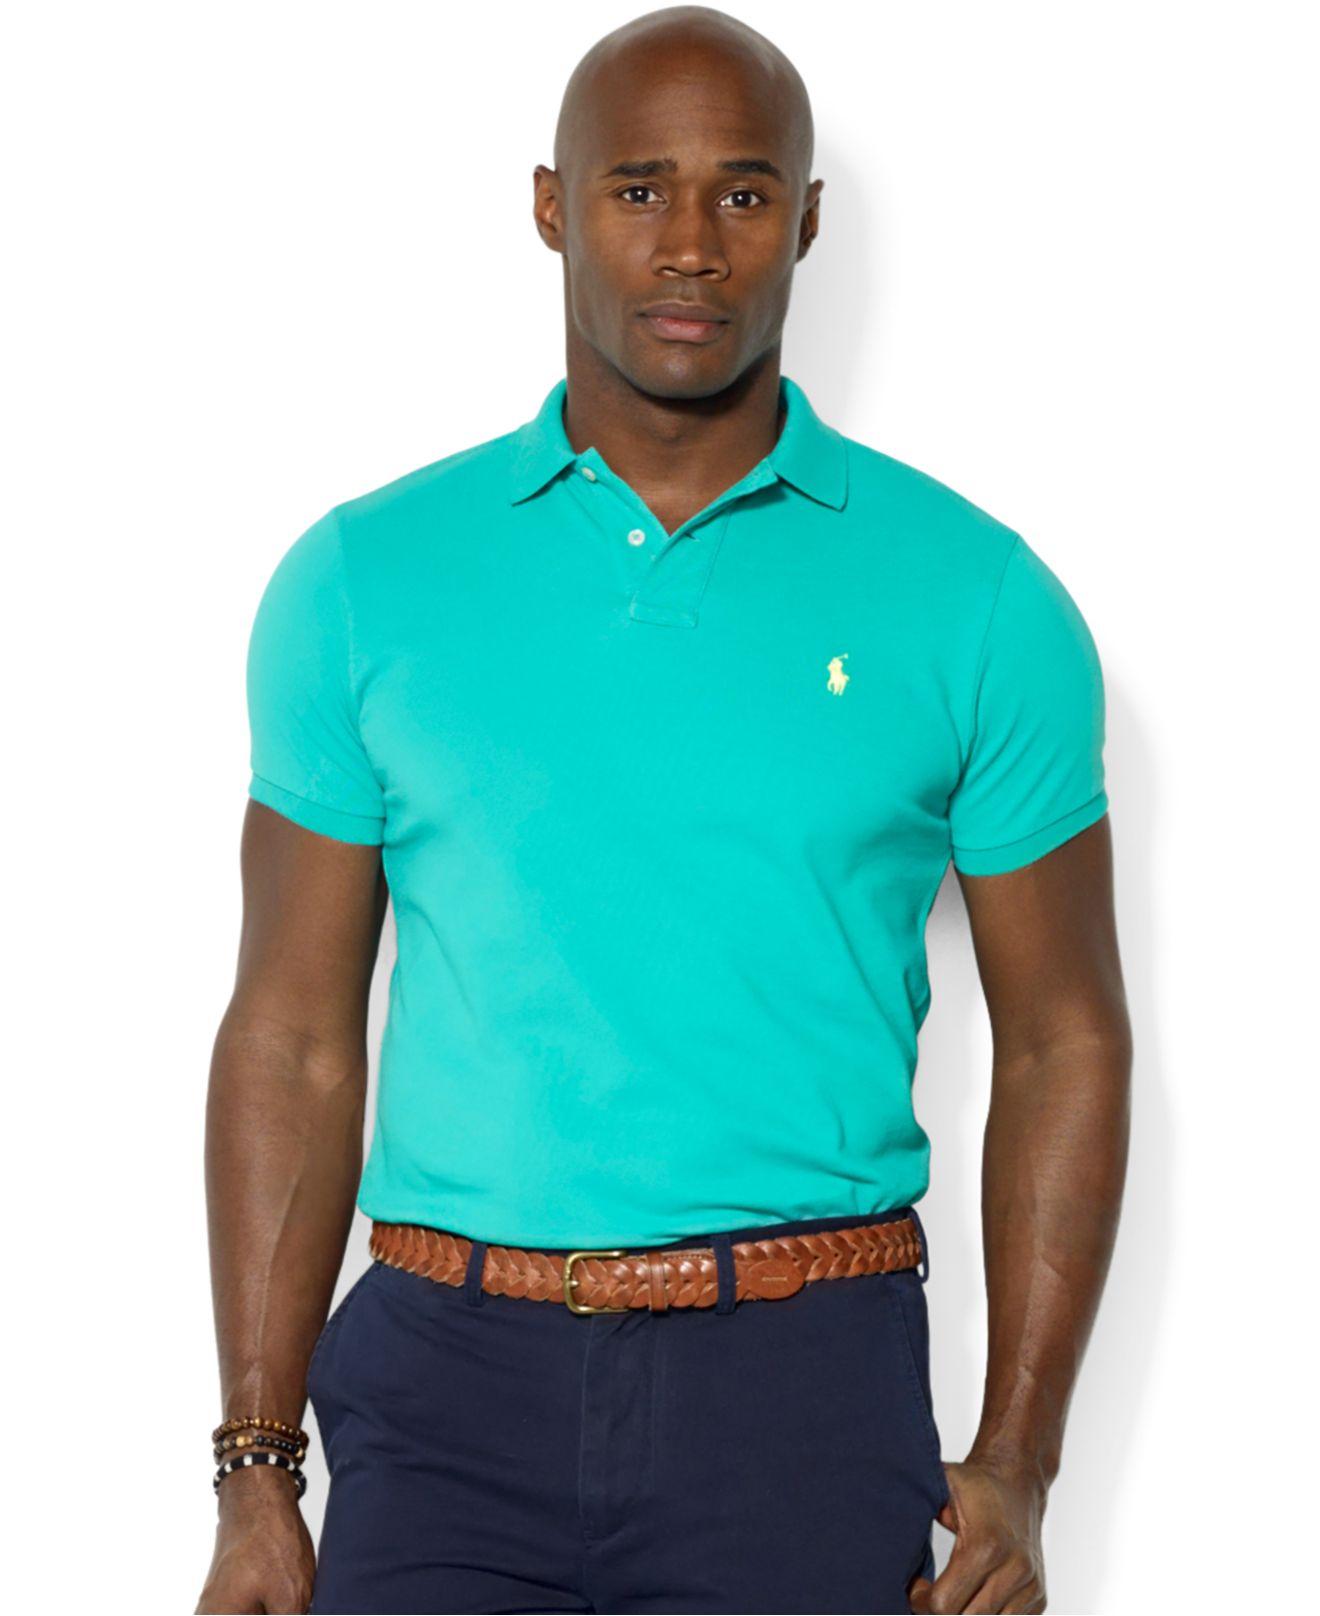 Polo Ralph Lauren Green Black Breathable Short Sleeved .